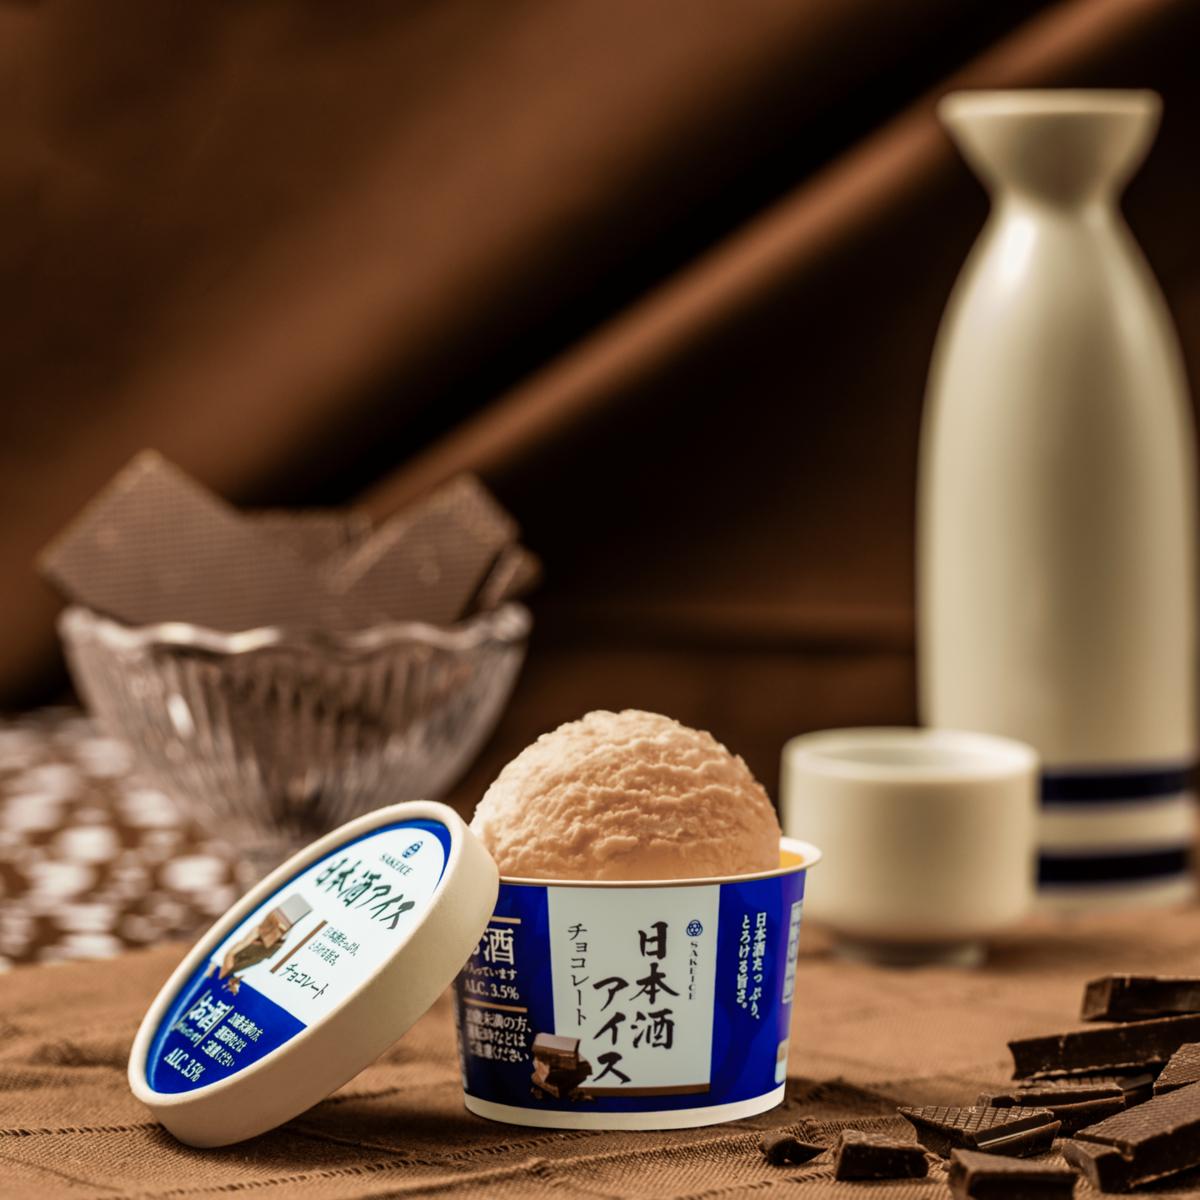 日本酒アイス-チョコレート-|theDANN media